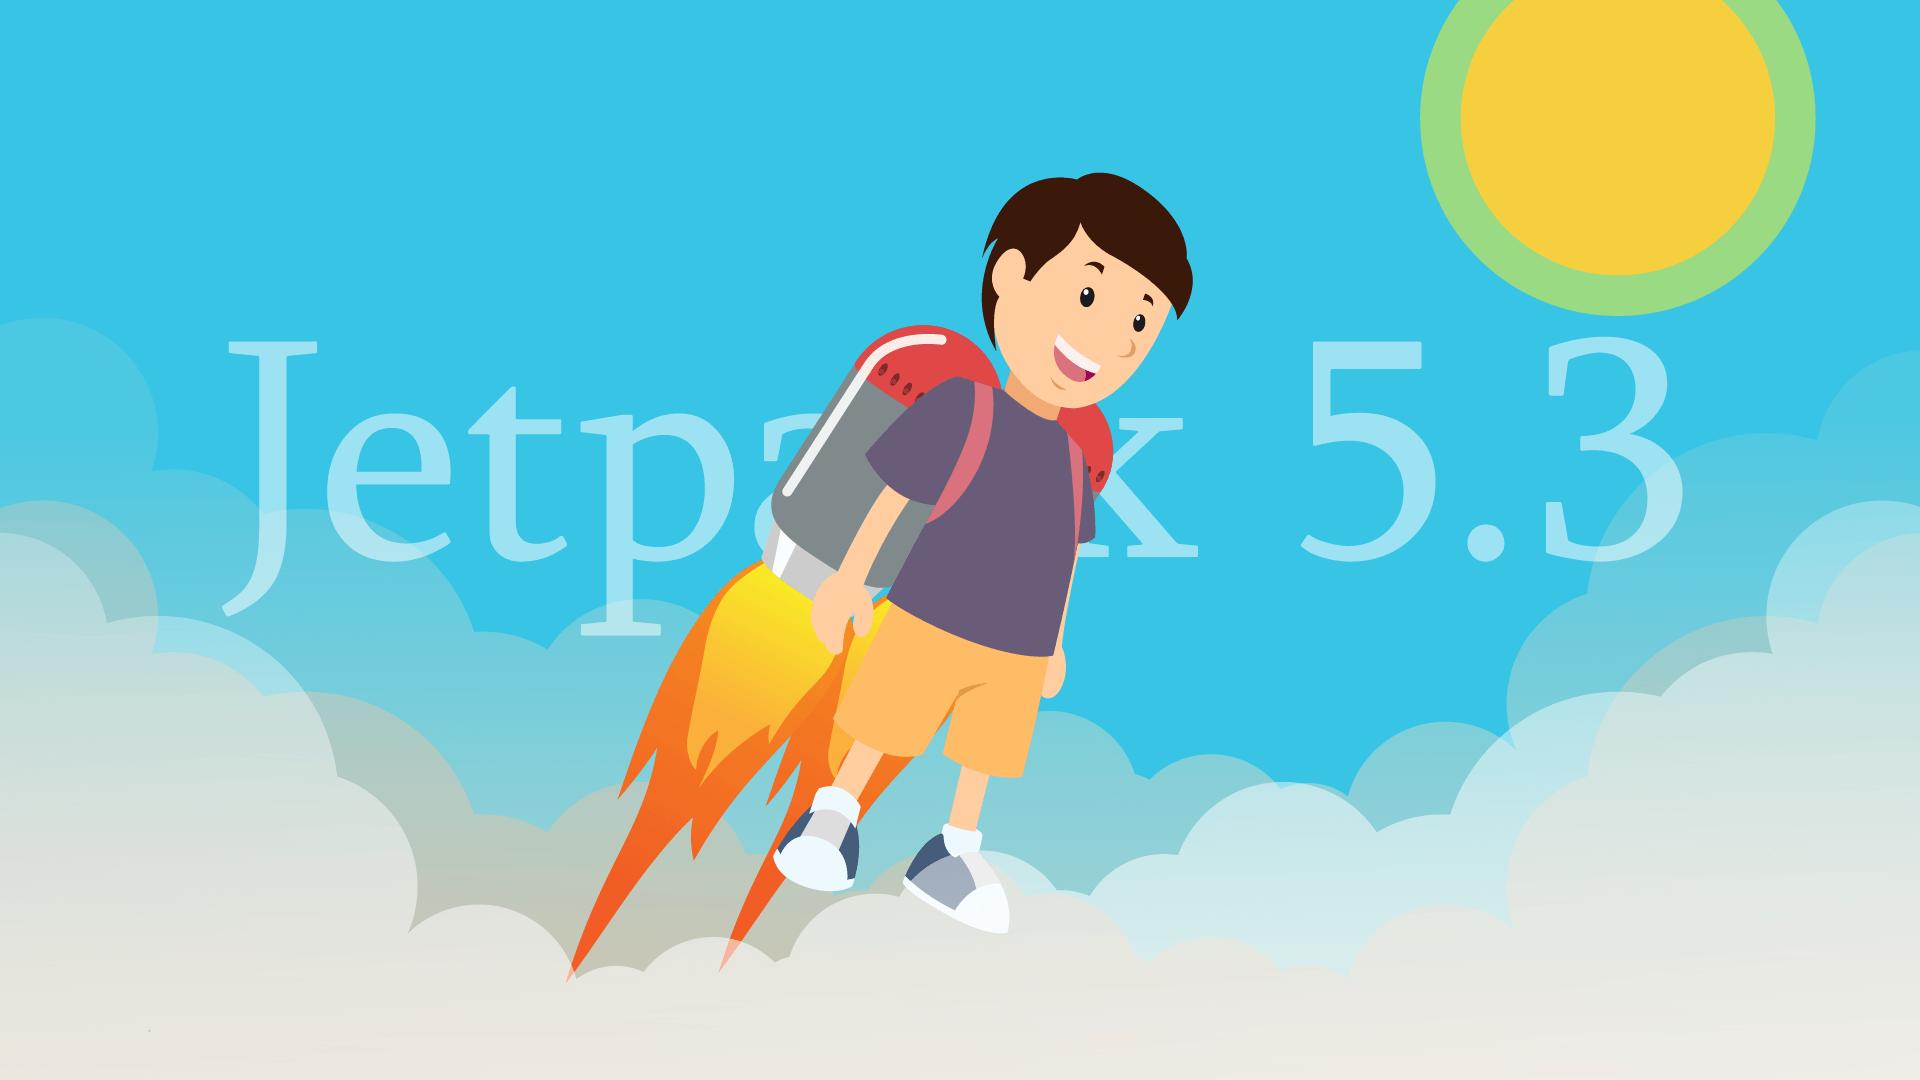 Jetpack 5.3でPHP7.1系の問題解決! WordPress.comとの連携も問題なくなったようです。